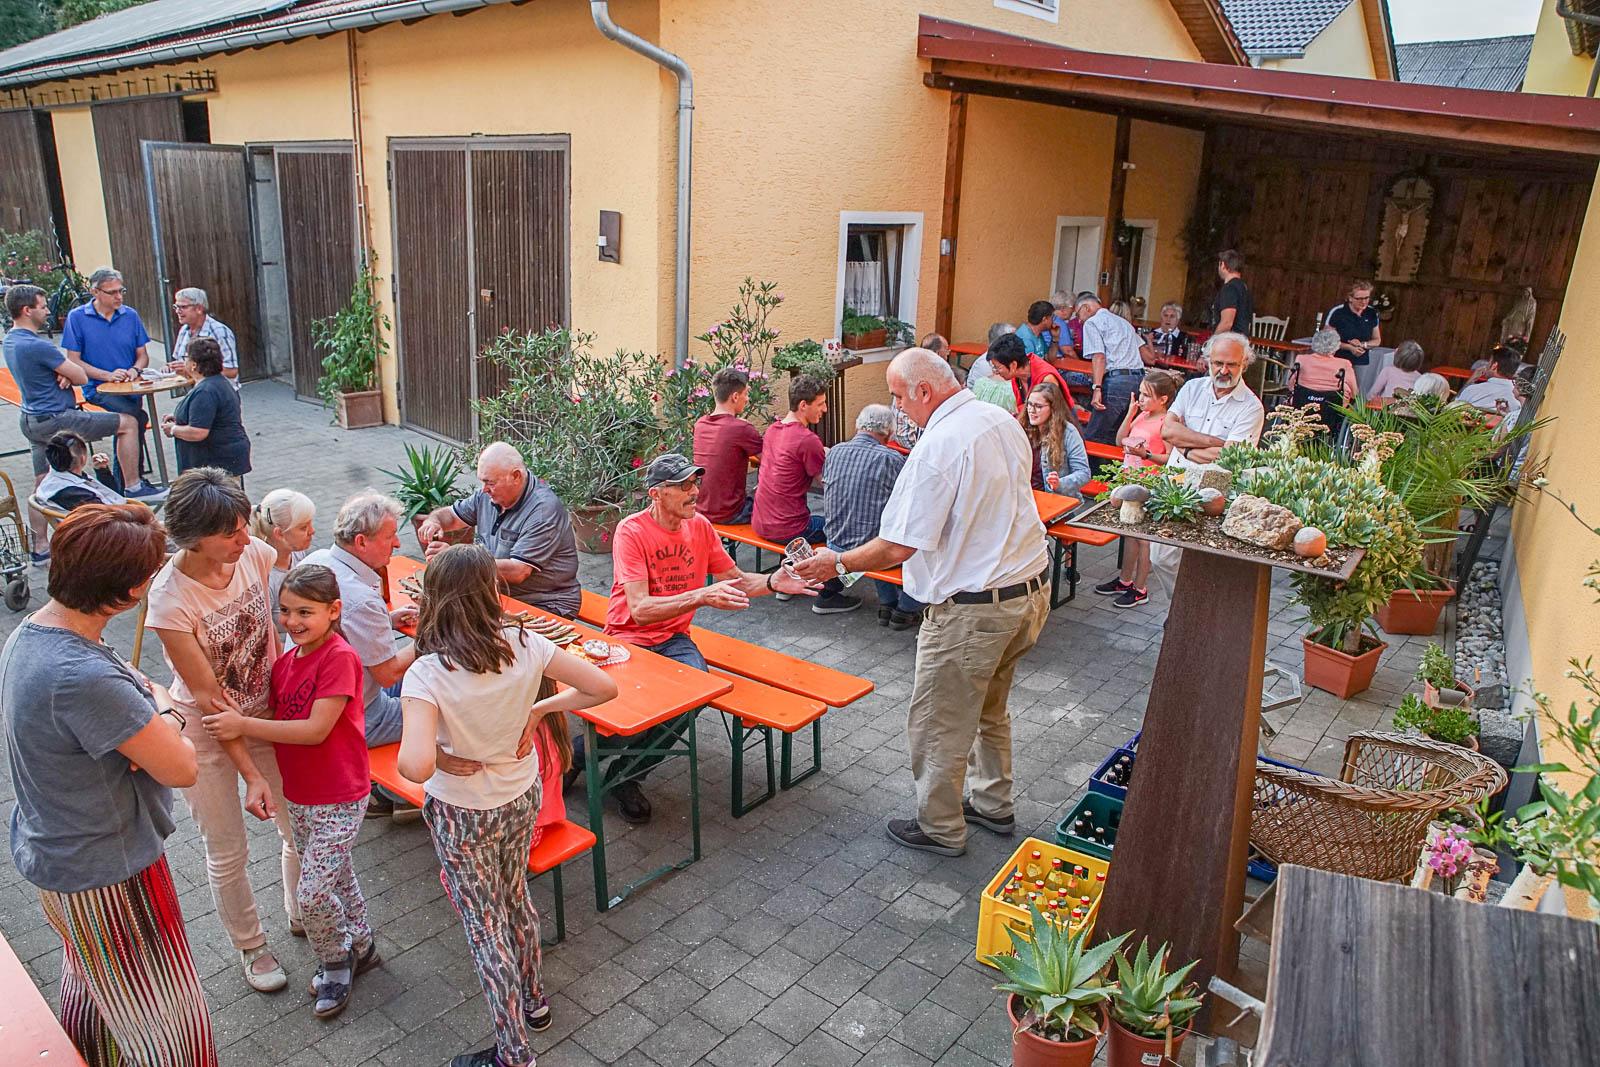 20190718-Schauermesse in Brensdorf-Obermeier-01375